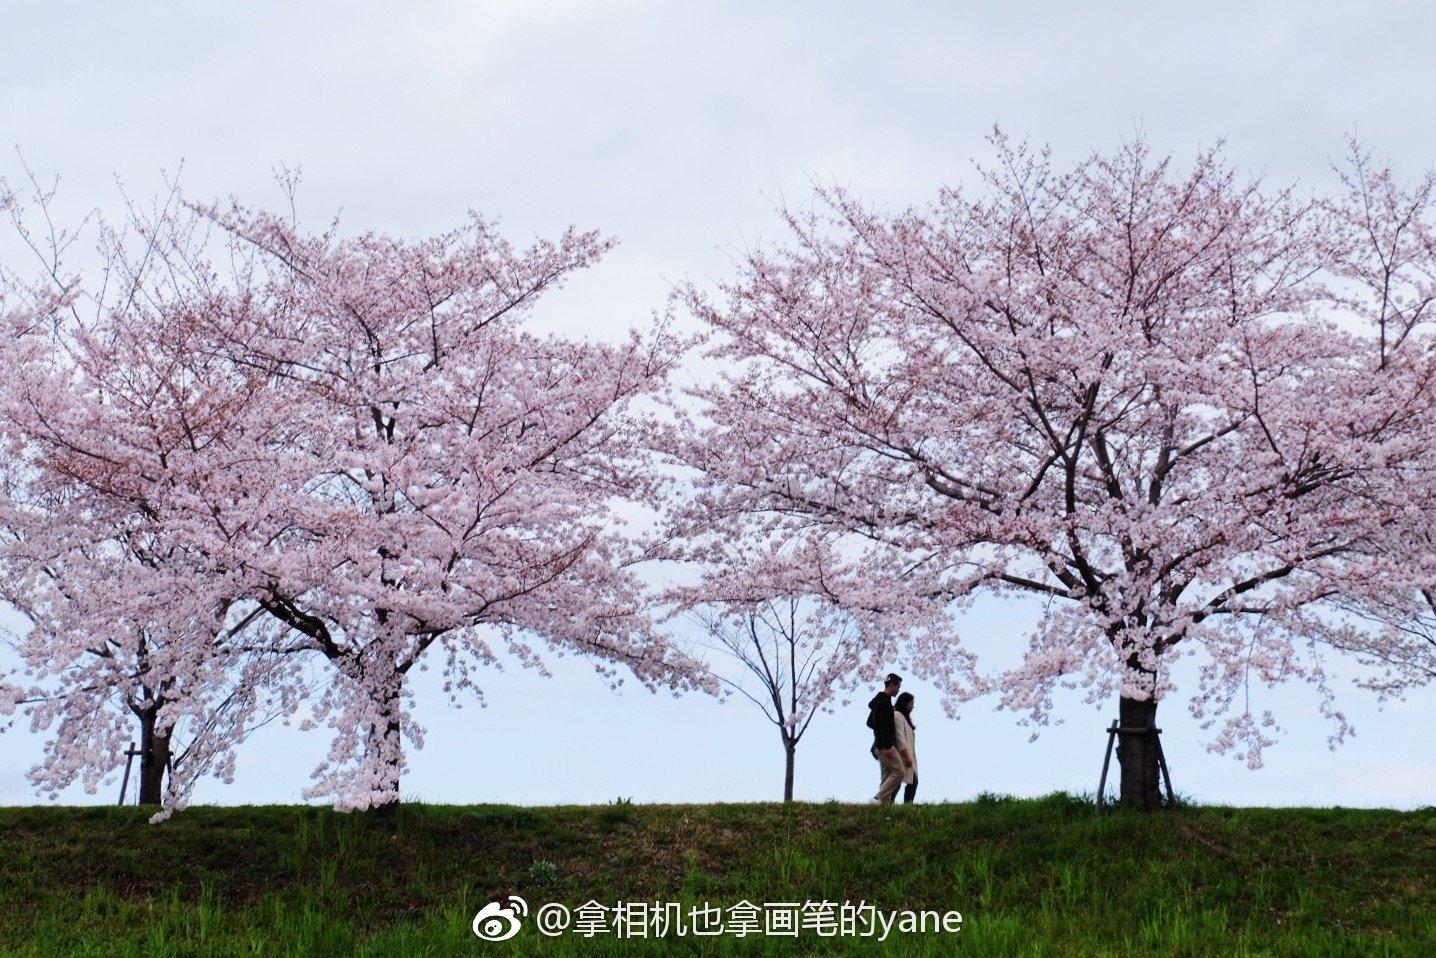 日本浪漫飘雪的樱花季